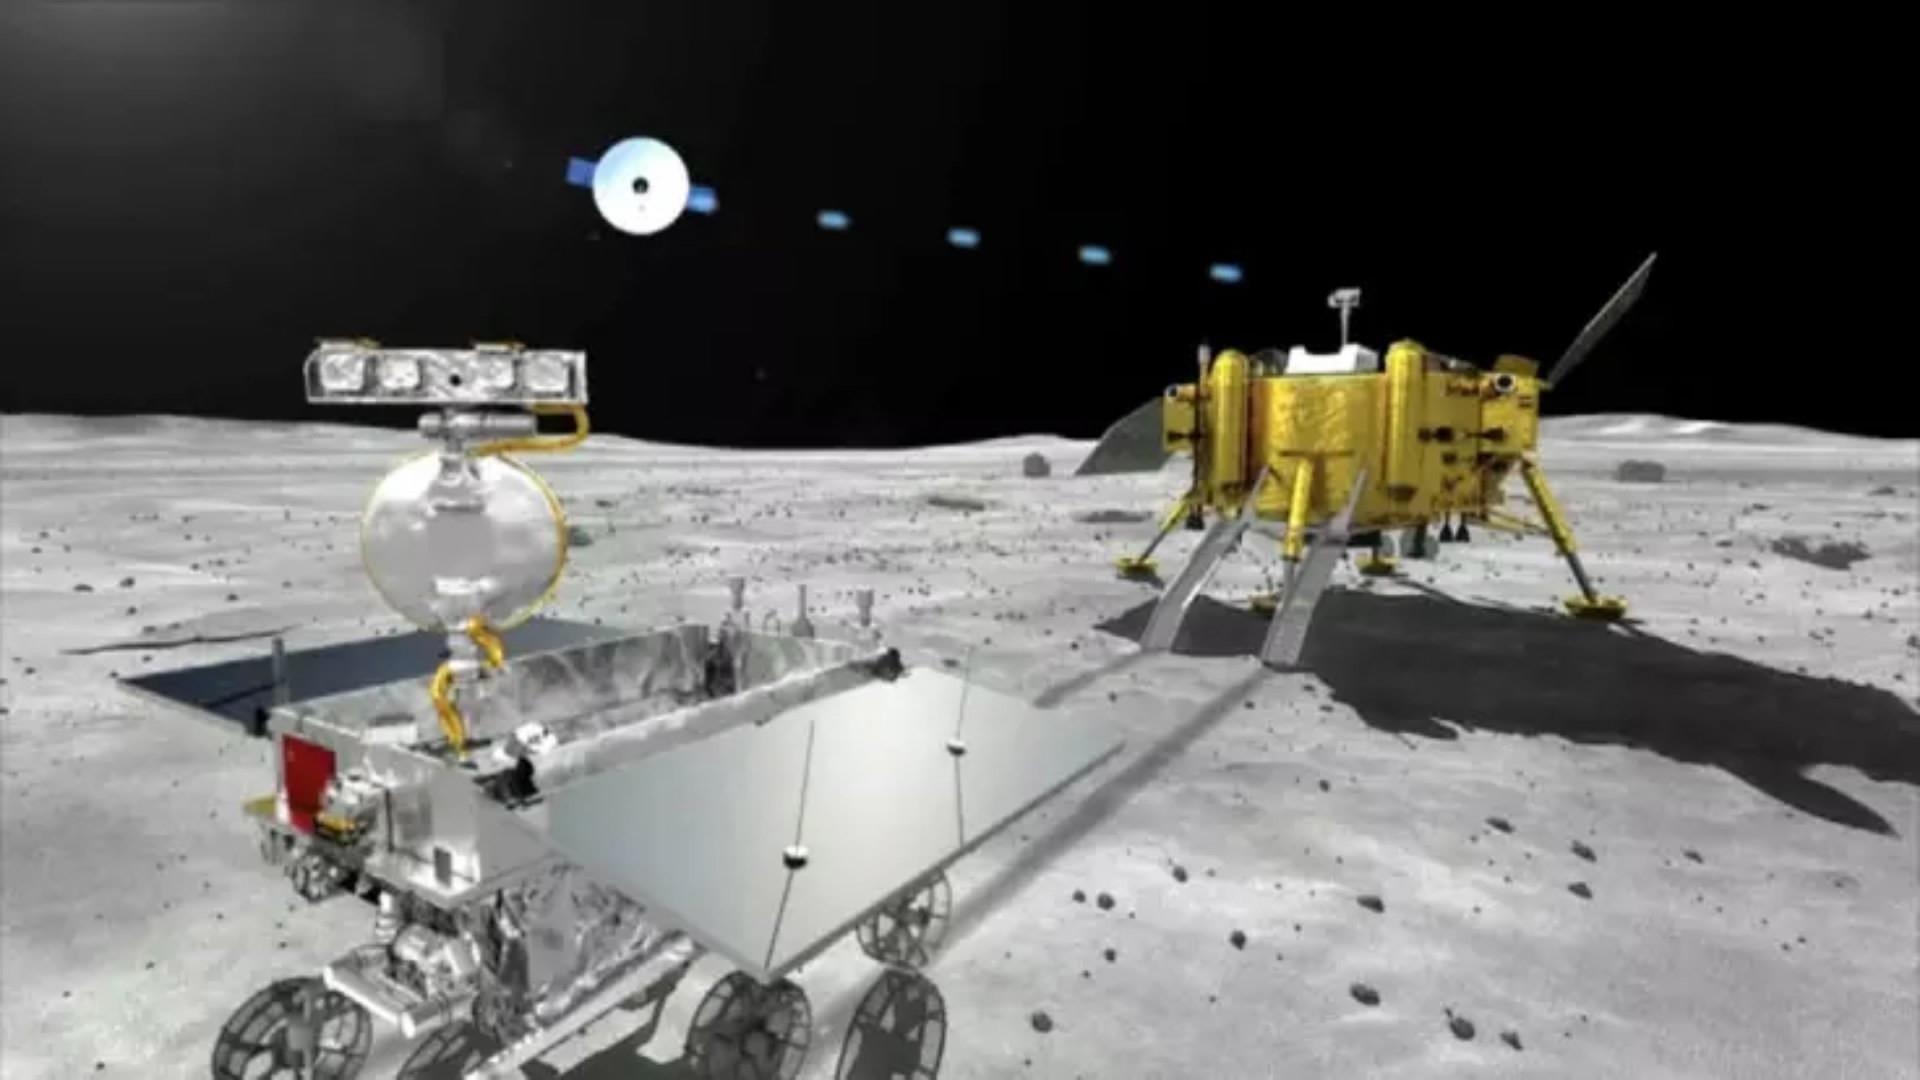 Впервые в истории человечества космическая техника села на неизведанную сторону Луны – кадры